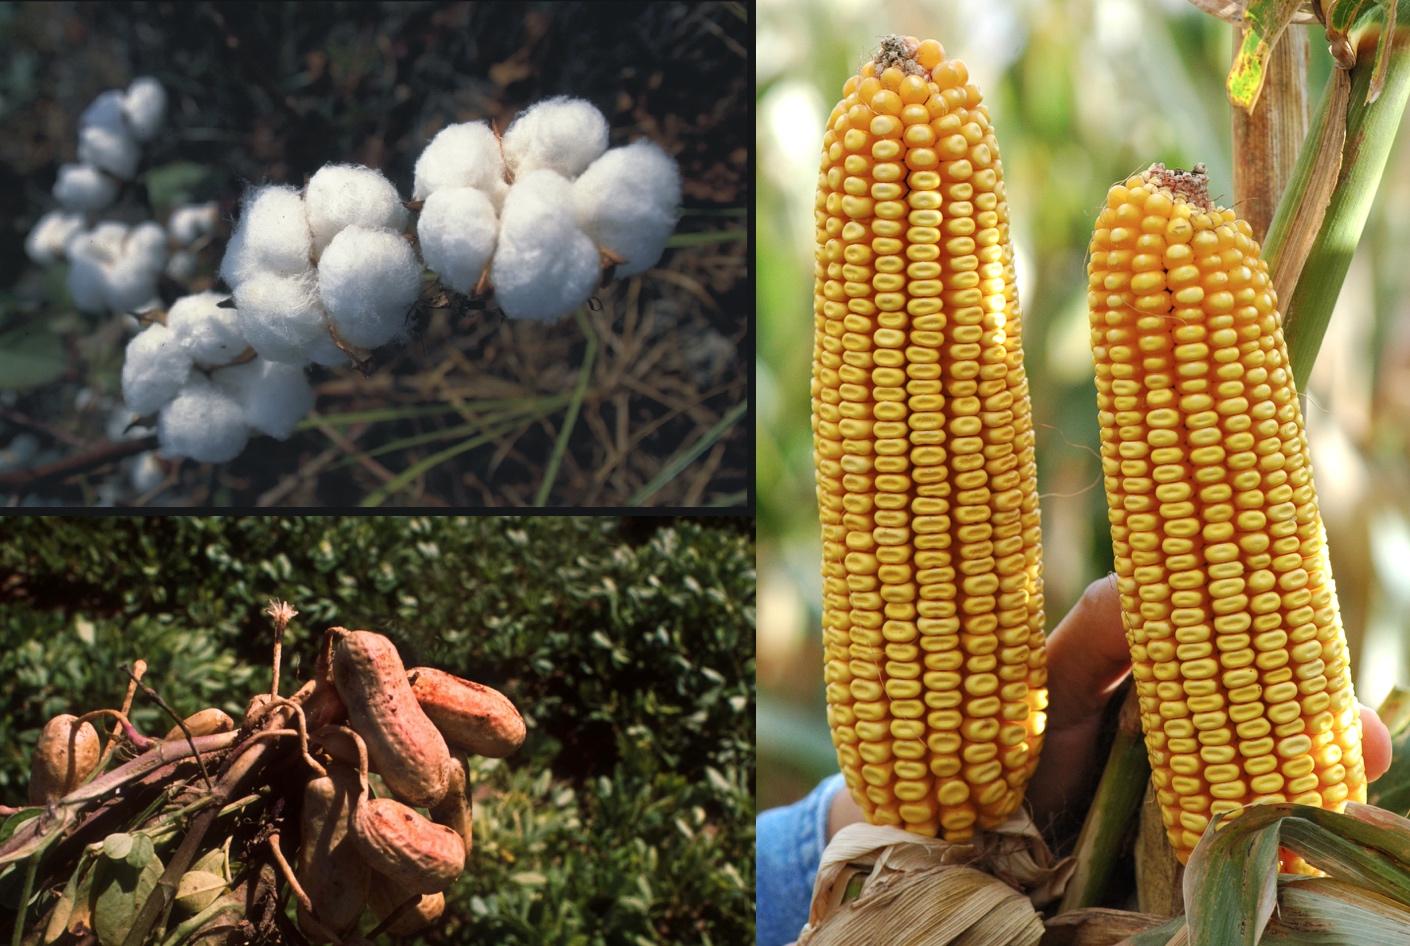 တောင်သူလယ်သမားကြီးများအတွက်နှိုးဆော်ချက် (ဇန်နဝါရီလ)